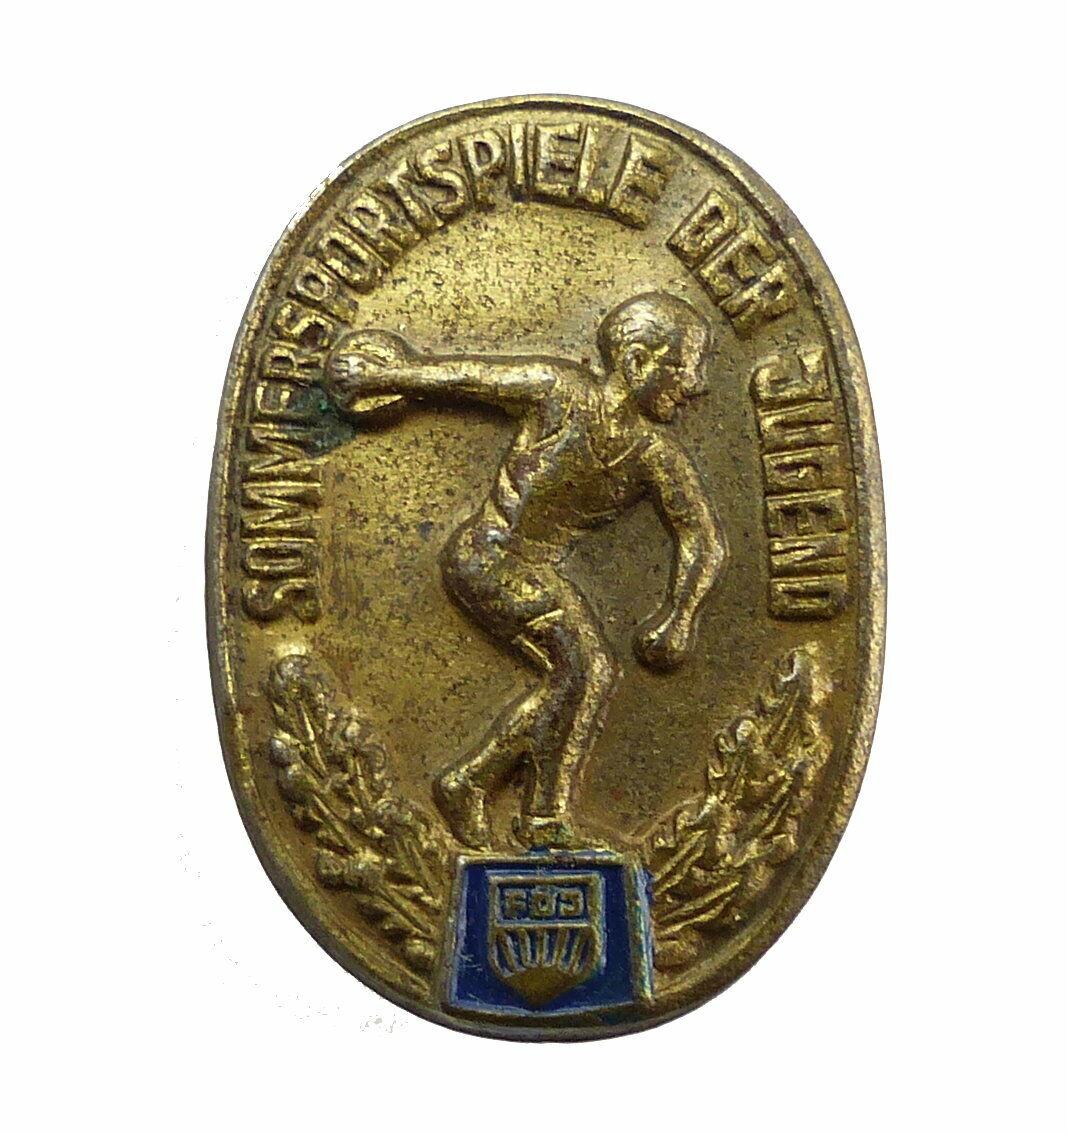 E10403 DDR Anstecknadel Pin Sommersportspiele der Jugend FDJ goldfarben